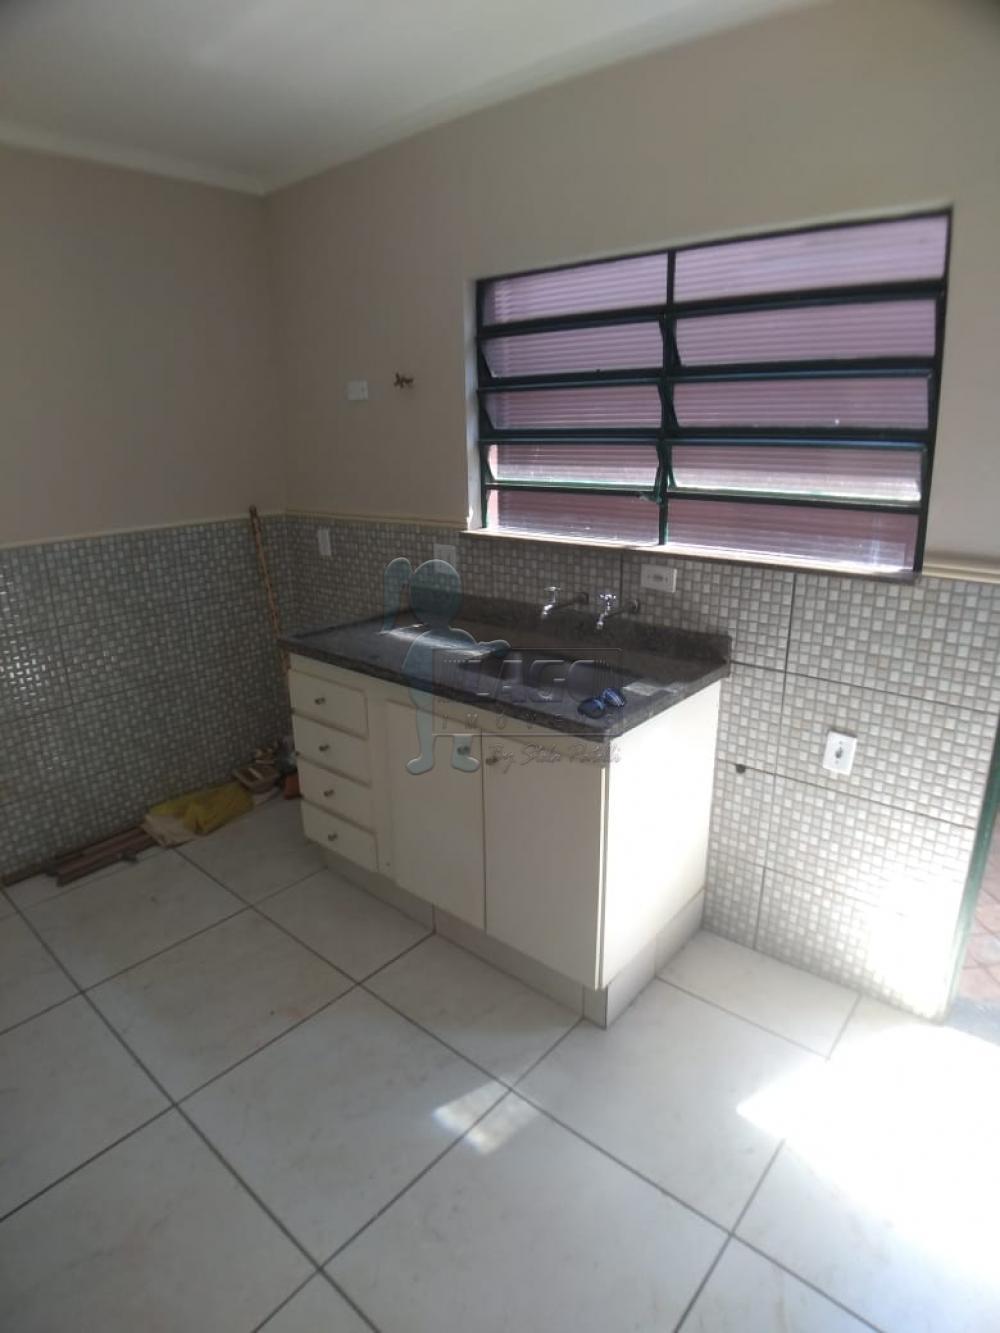 Alugar Casas / Padrão em Ribeirão Preto apenas R$ 1.800,00 - Foto 19